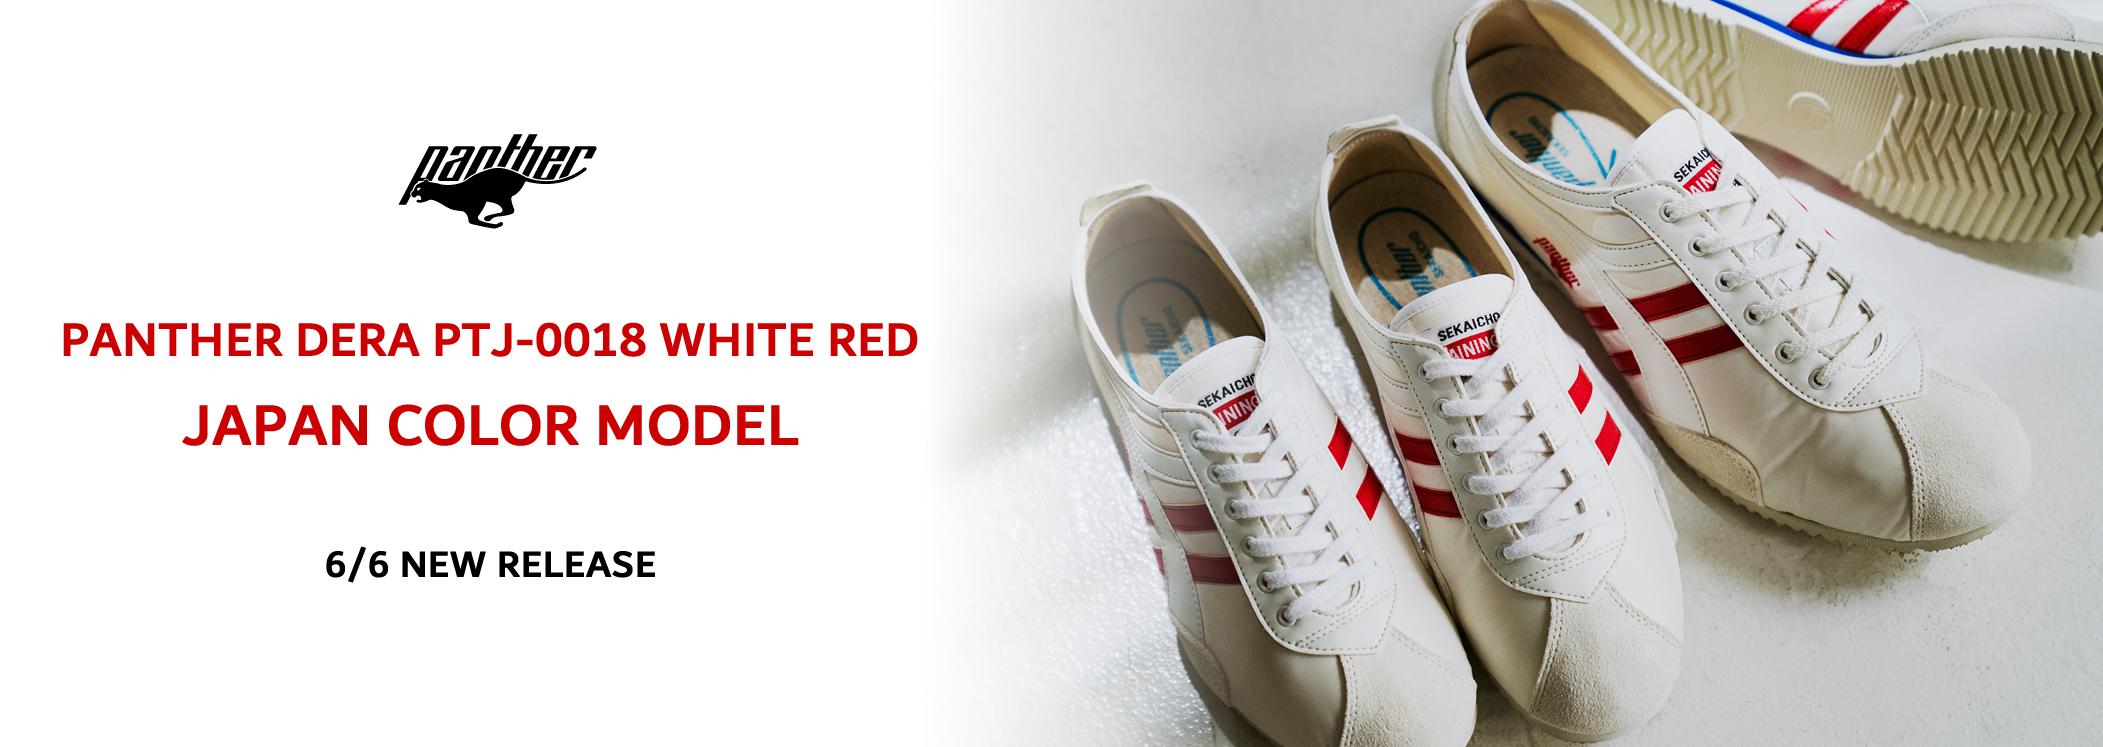 panther-dera-ptj-0018-white-red